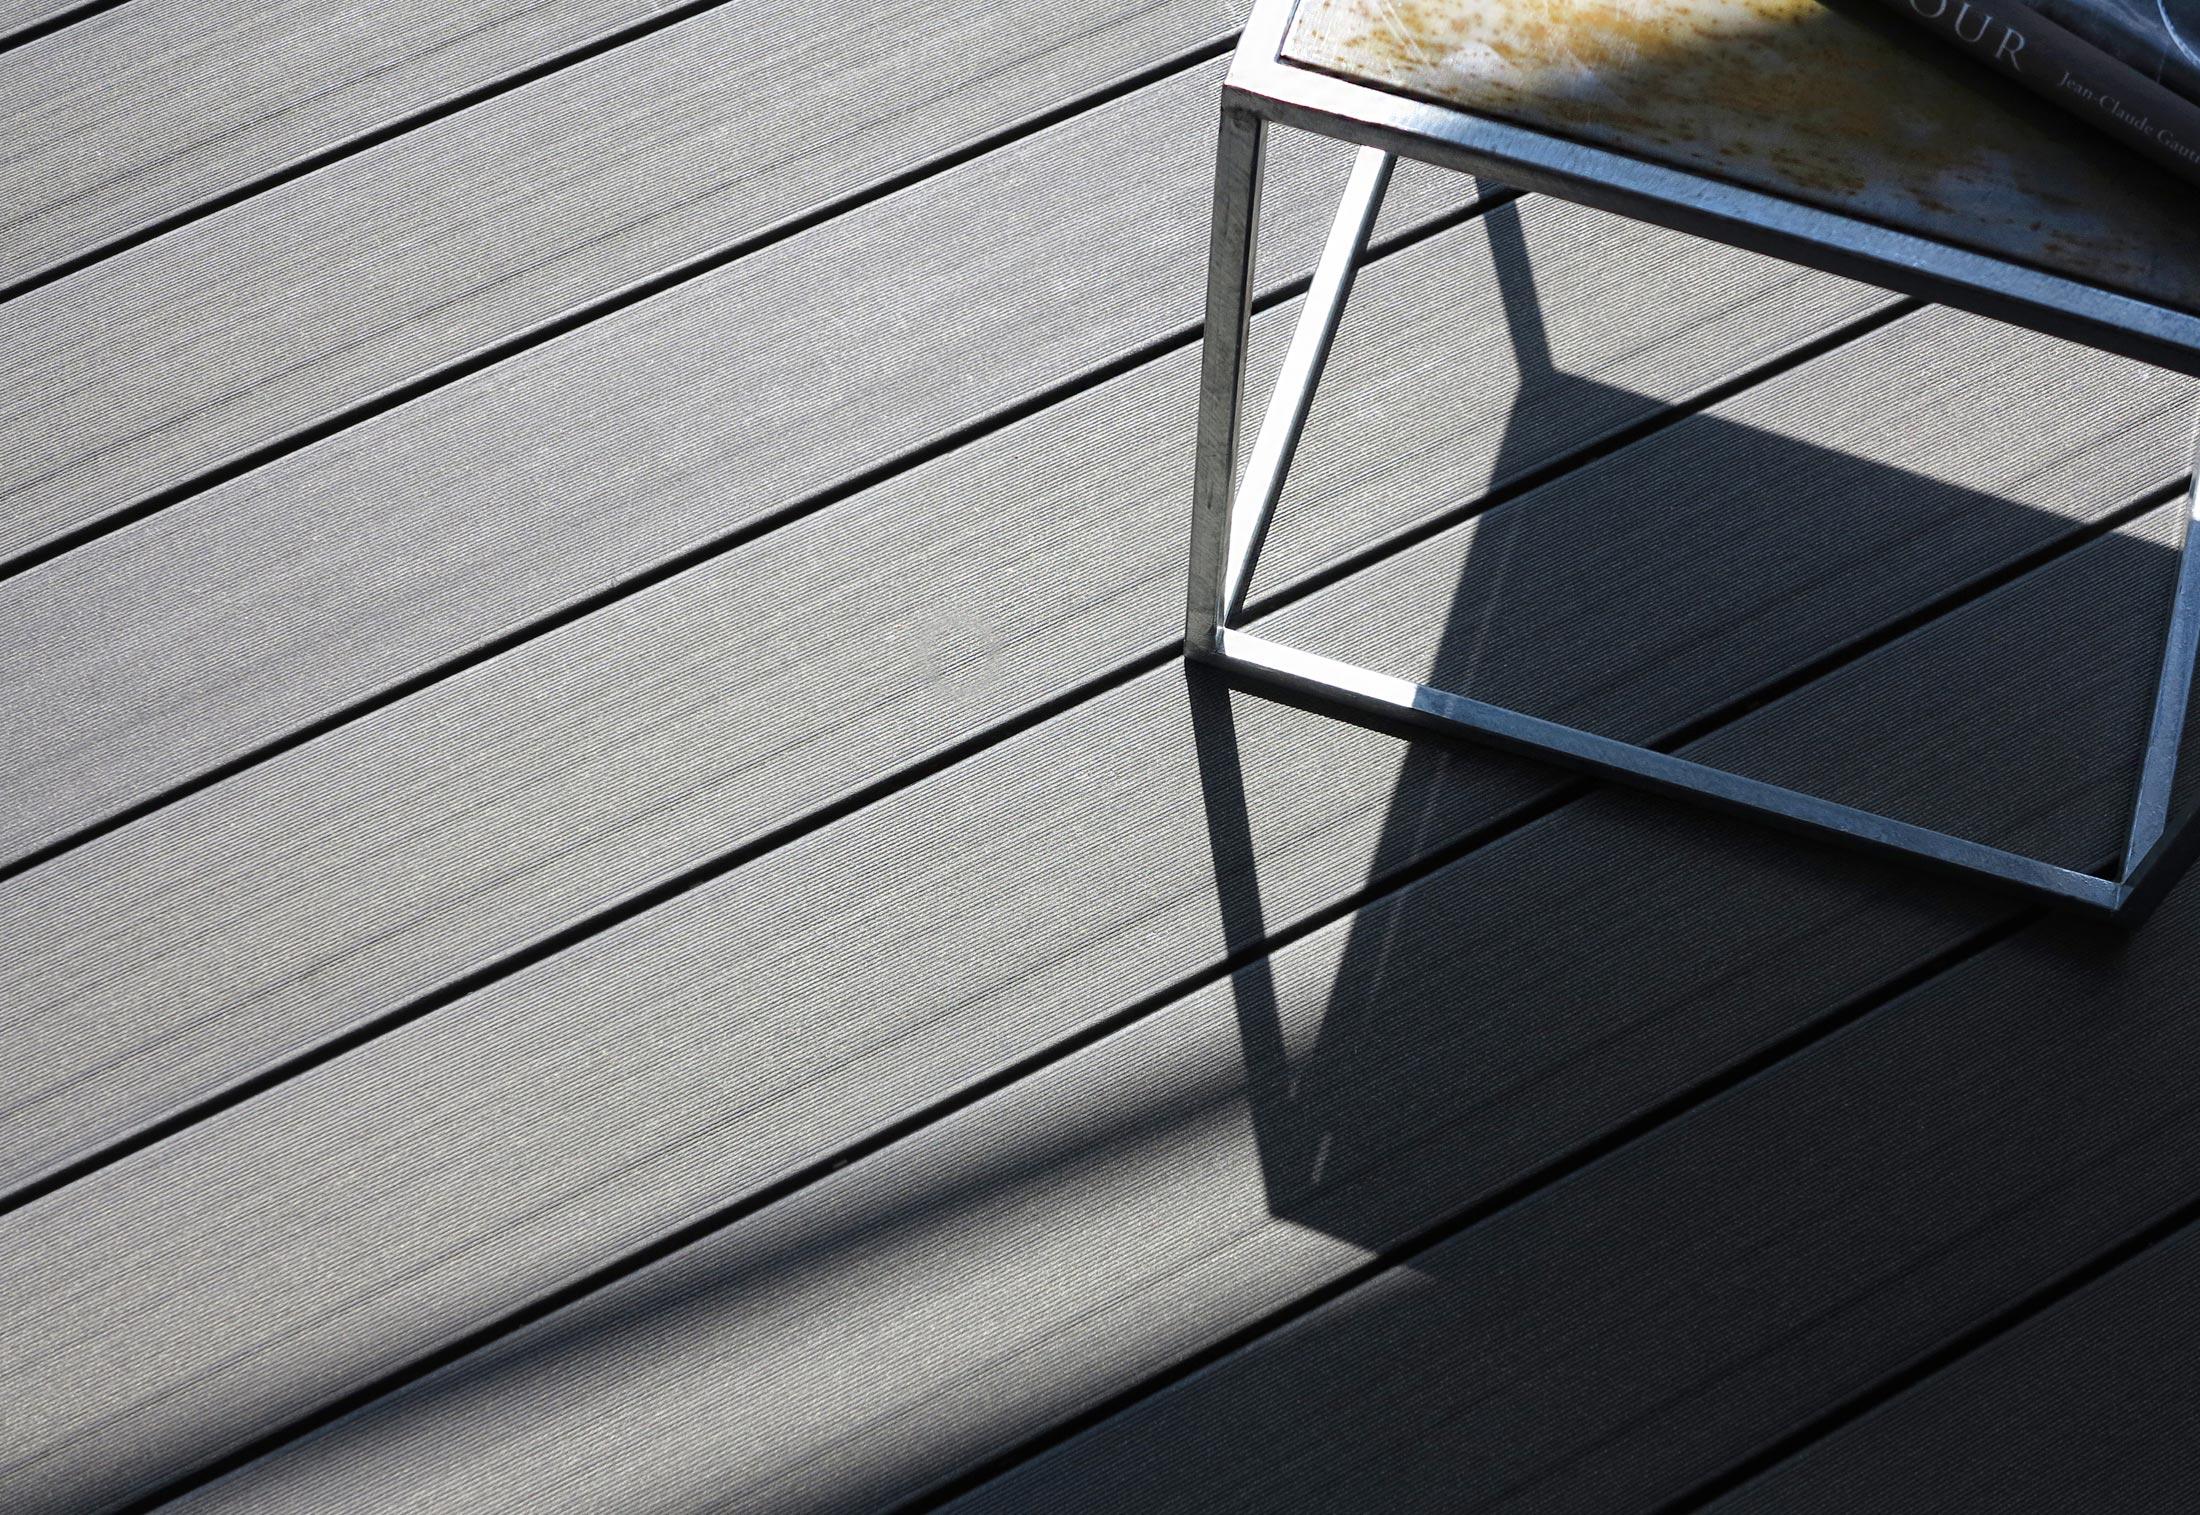 Mydeck Wpc Preise premium wpc terrassendielen berlin mydeck stylepark